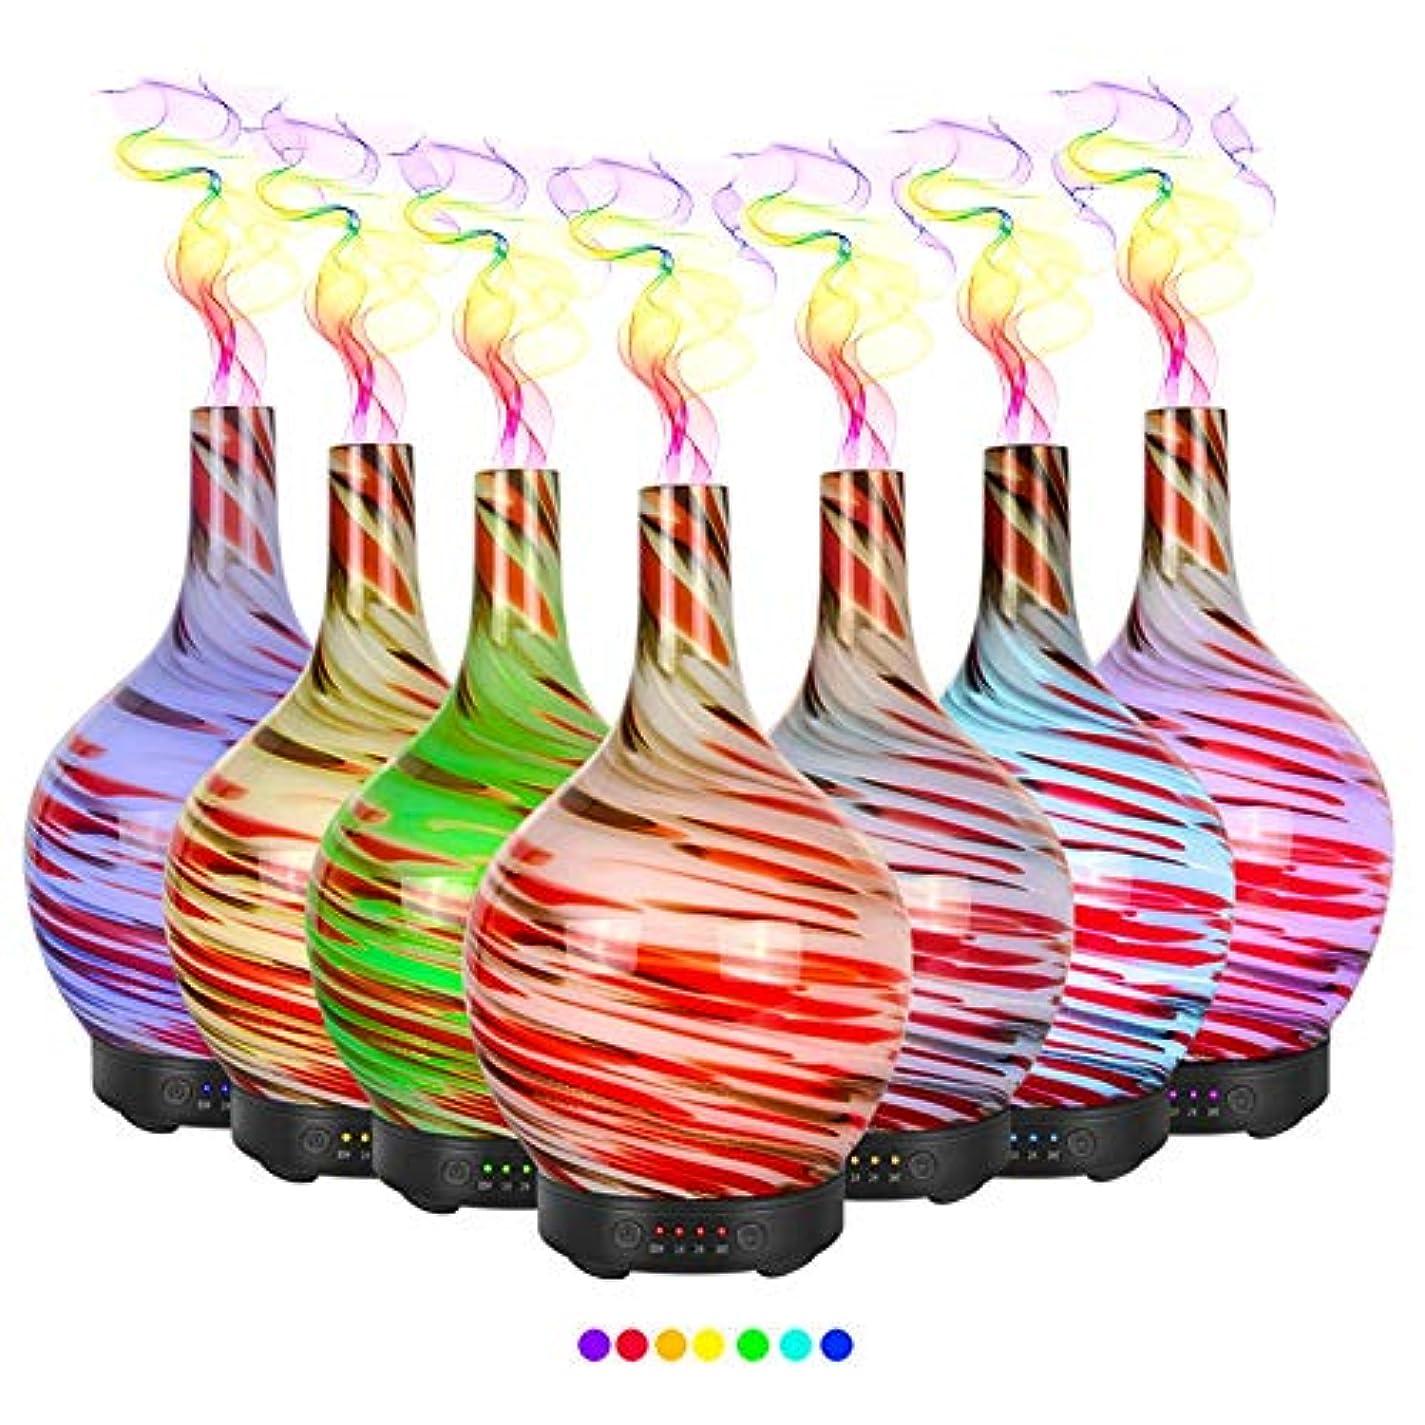 曲げる独特の名詞エッセンシャルオイル用ディフューザー (100ml)-3d アートガラス油絵アロマ加湿器7色の変更 LED ライト & 4 タイマー設定、水なしオートシャットオフ